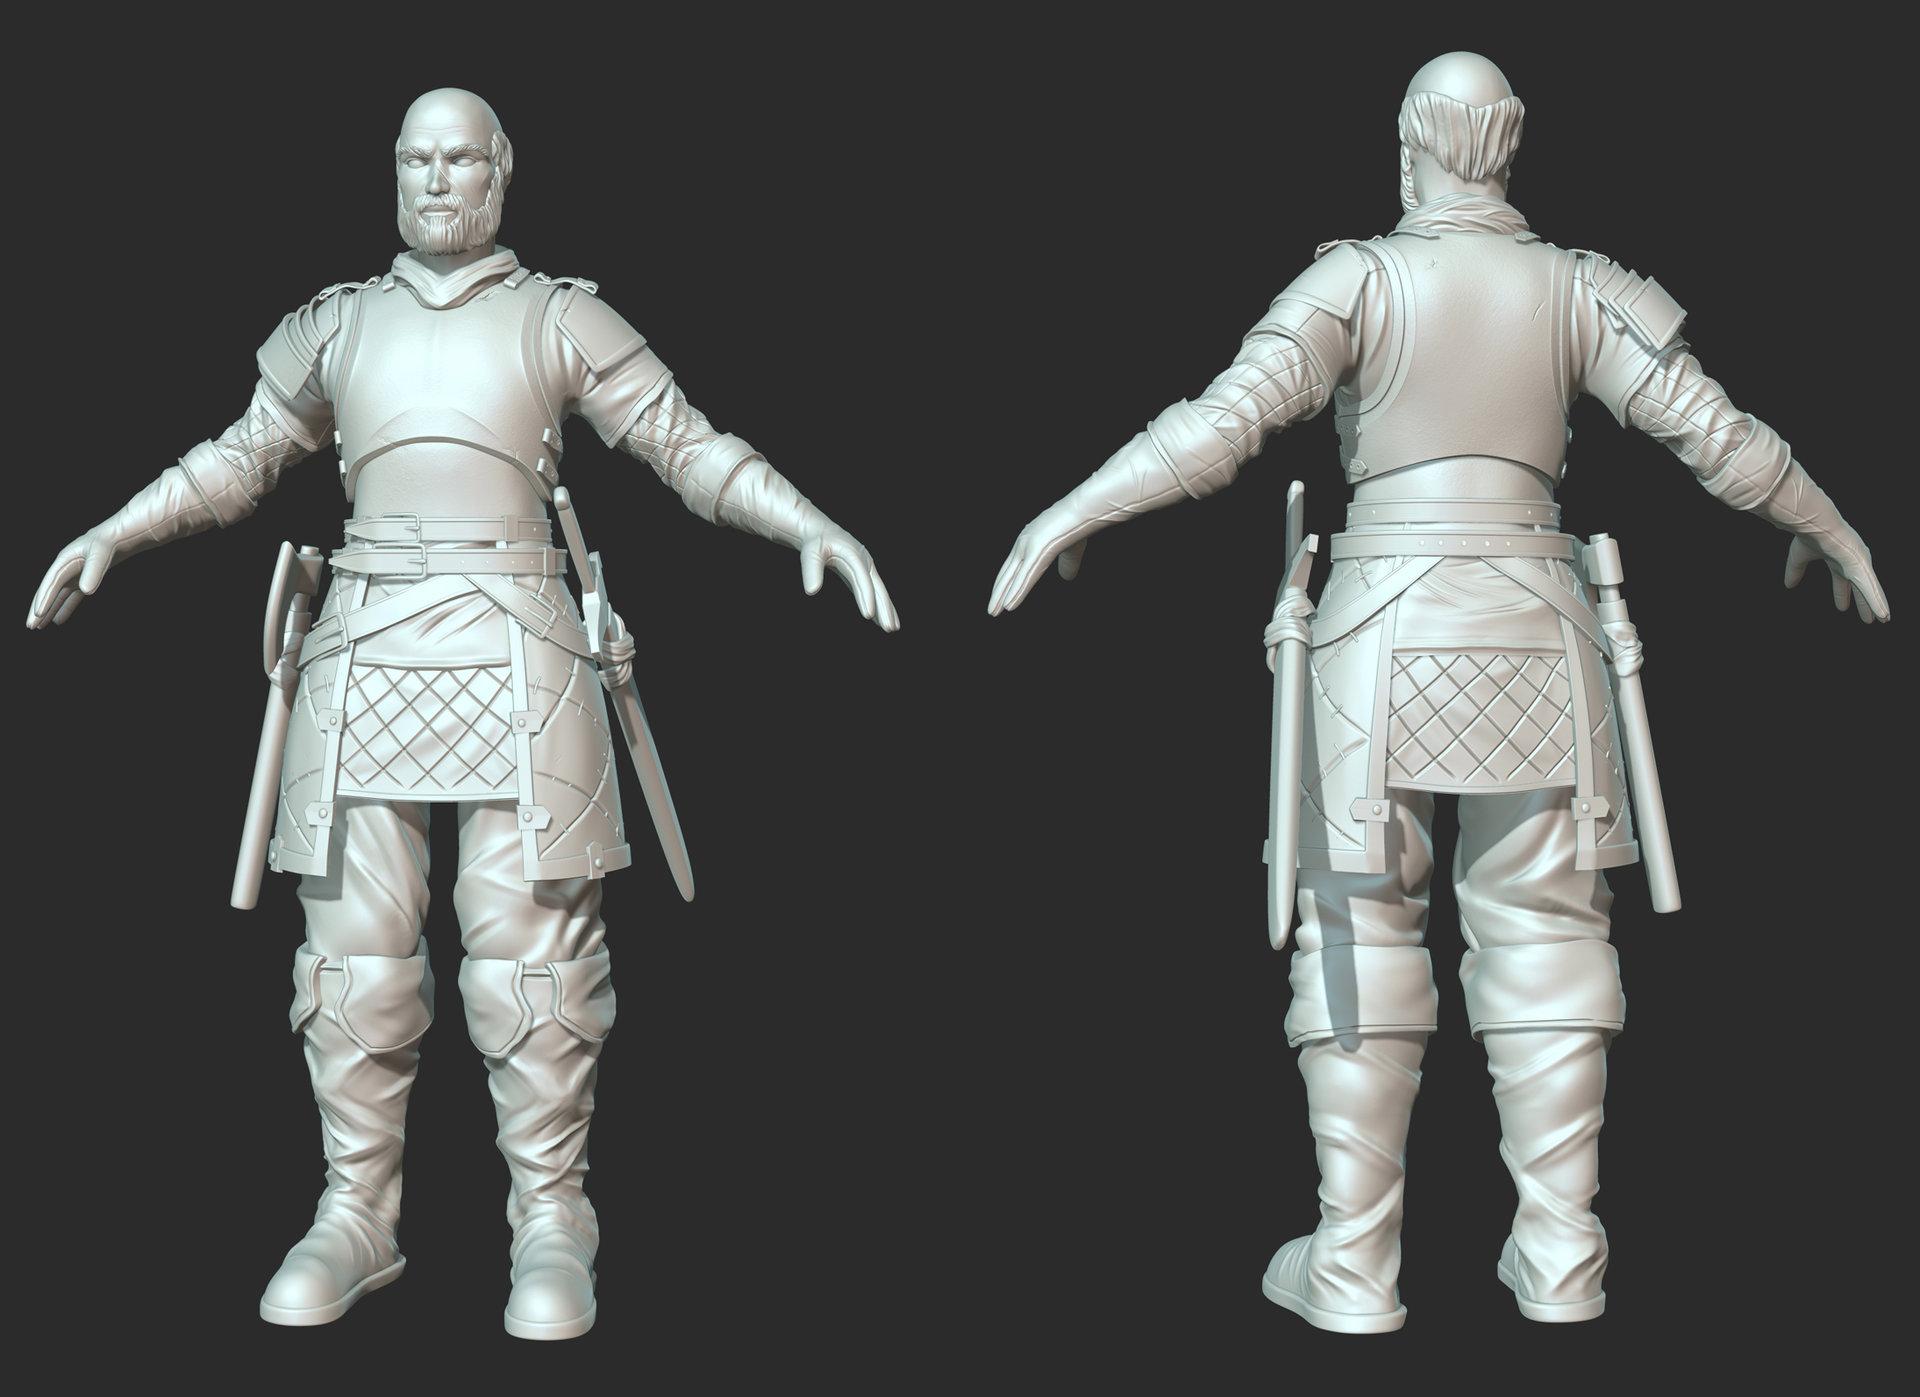 Assani duongsaa sculpt render 05